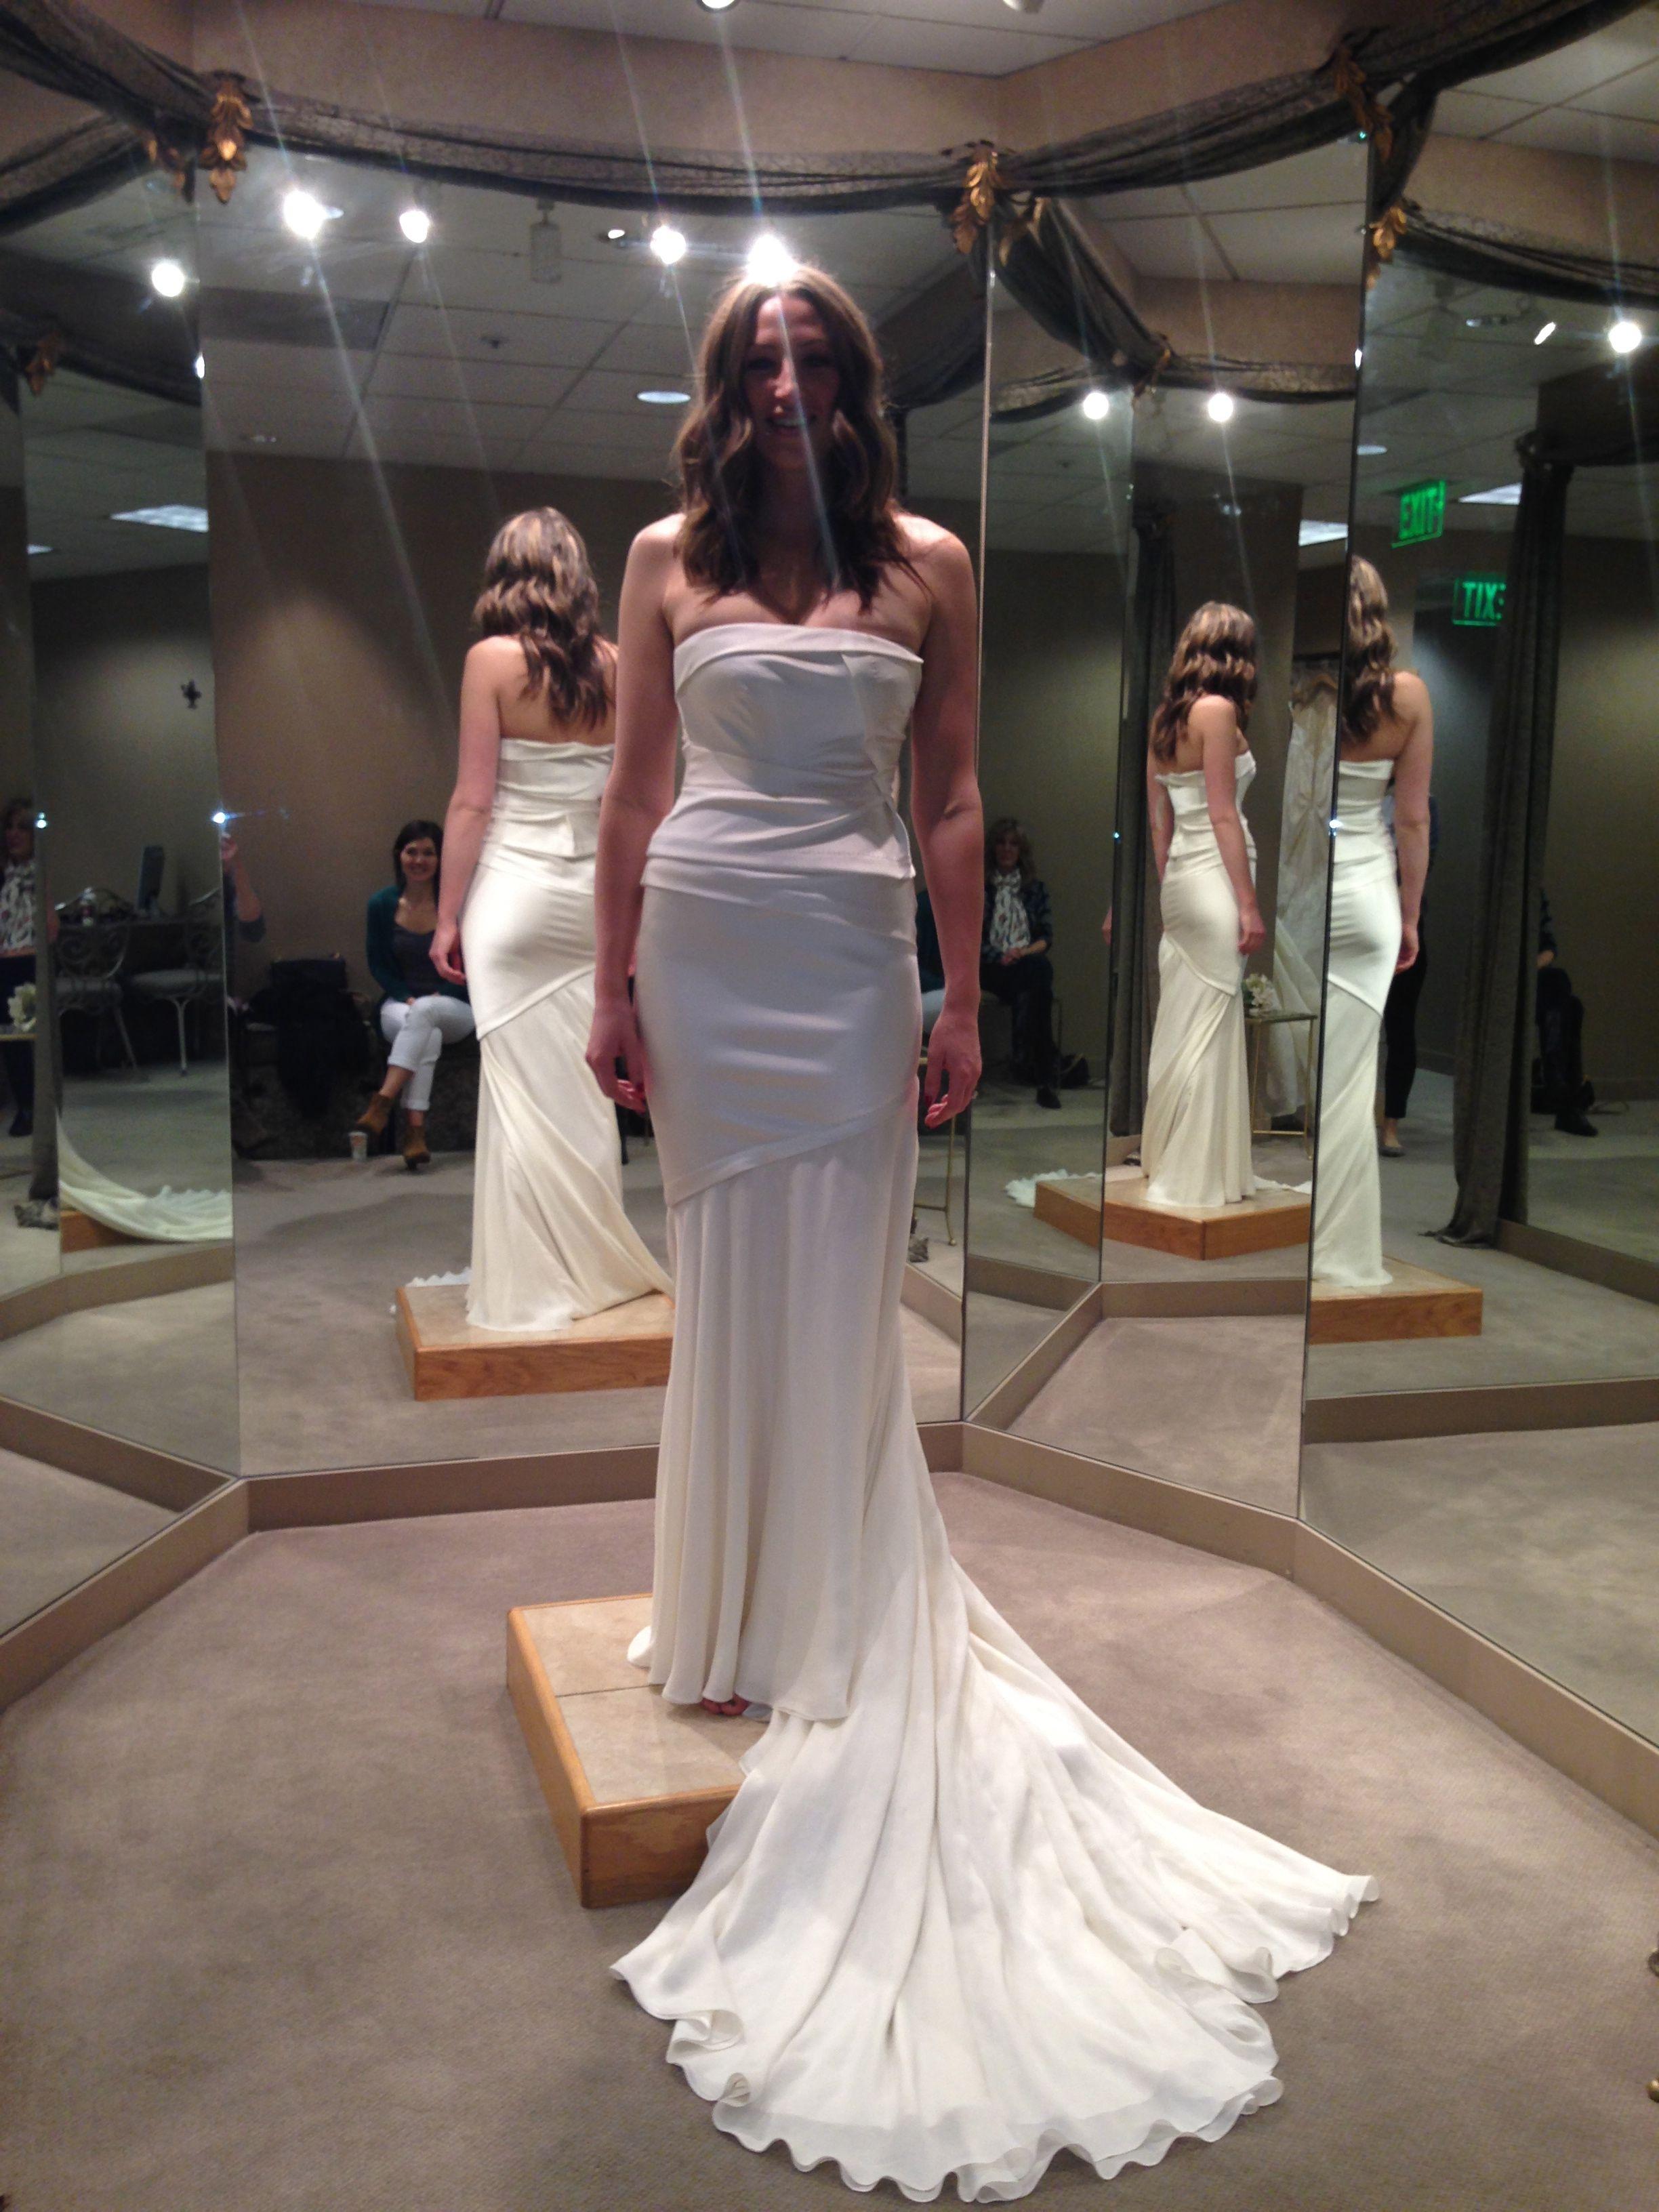 Runner up, fabulous structured wedding dress